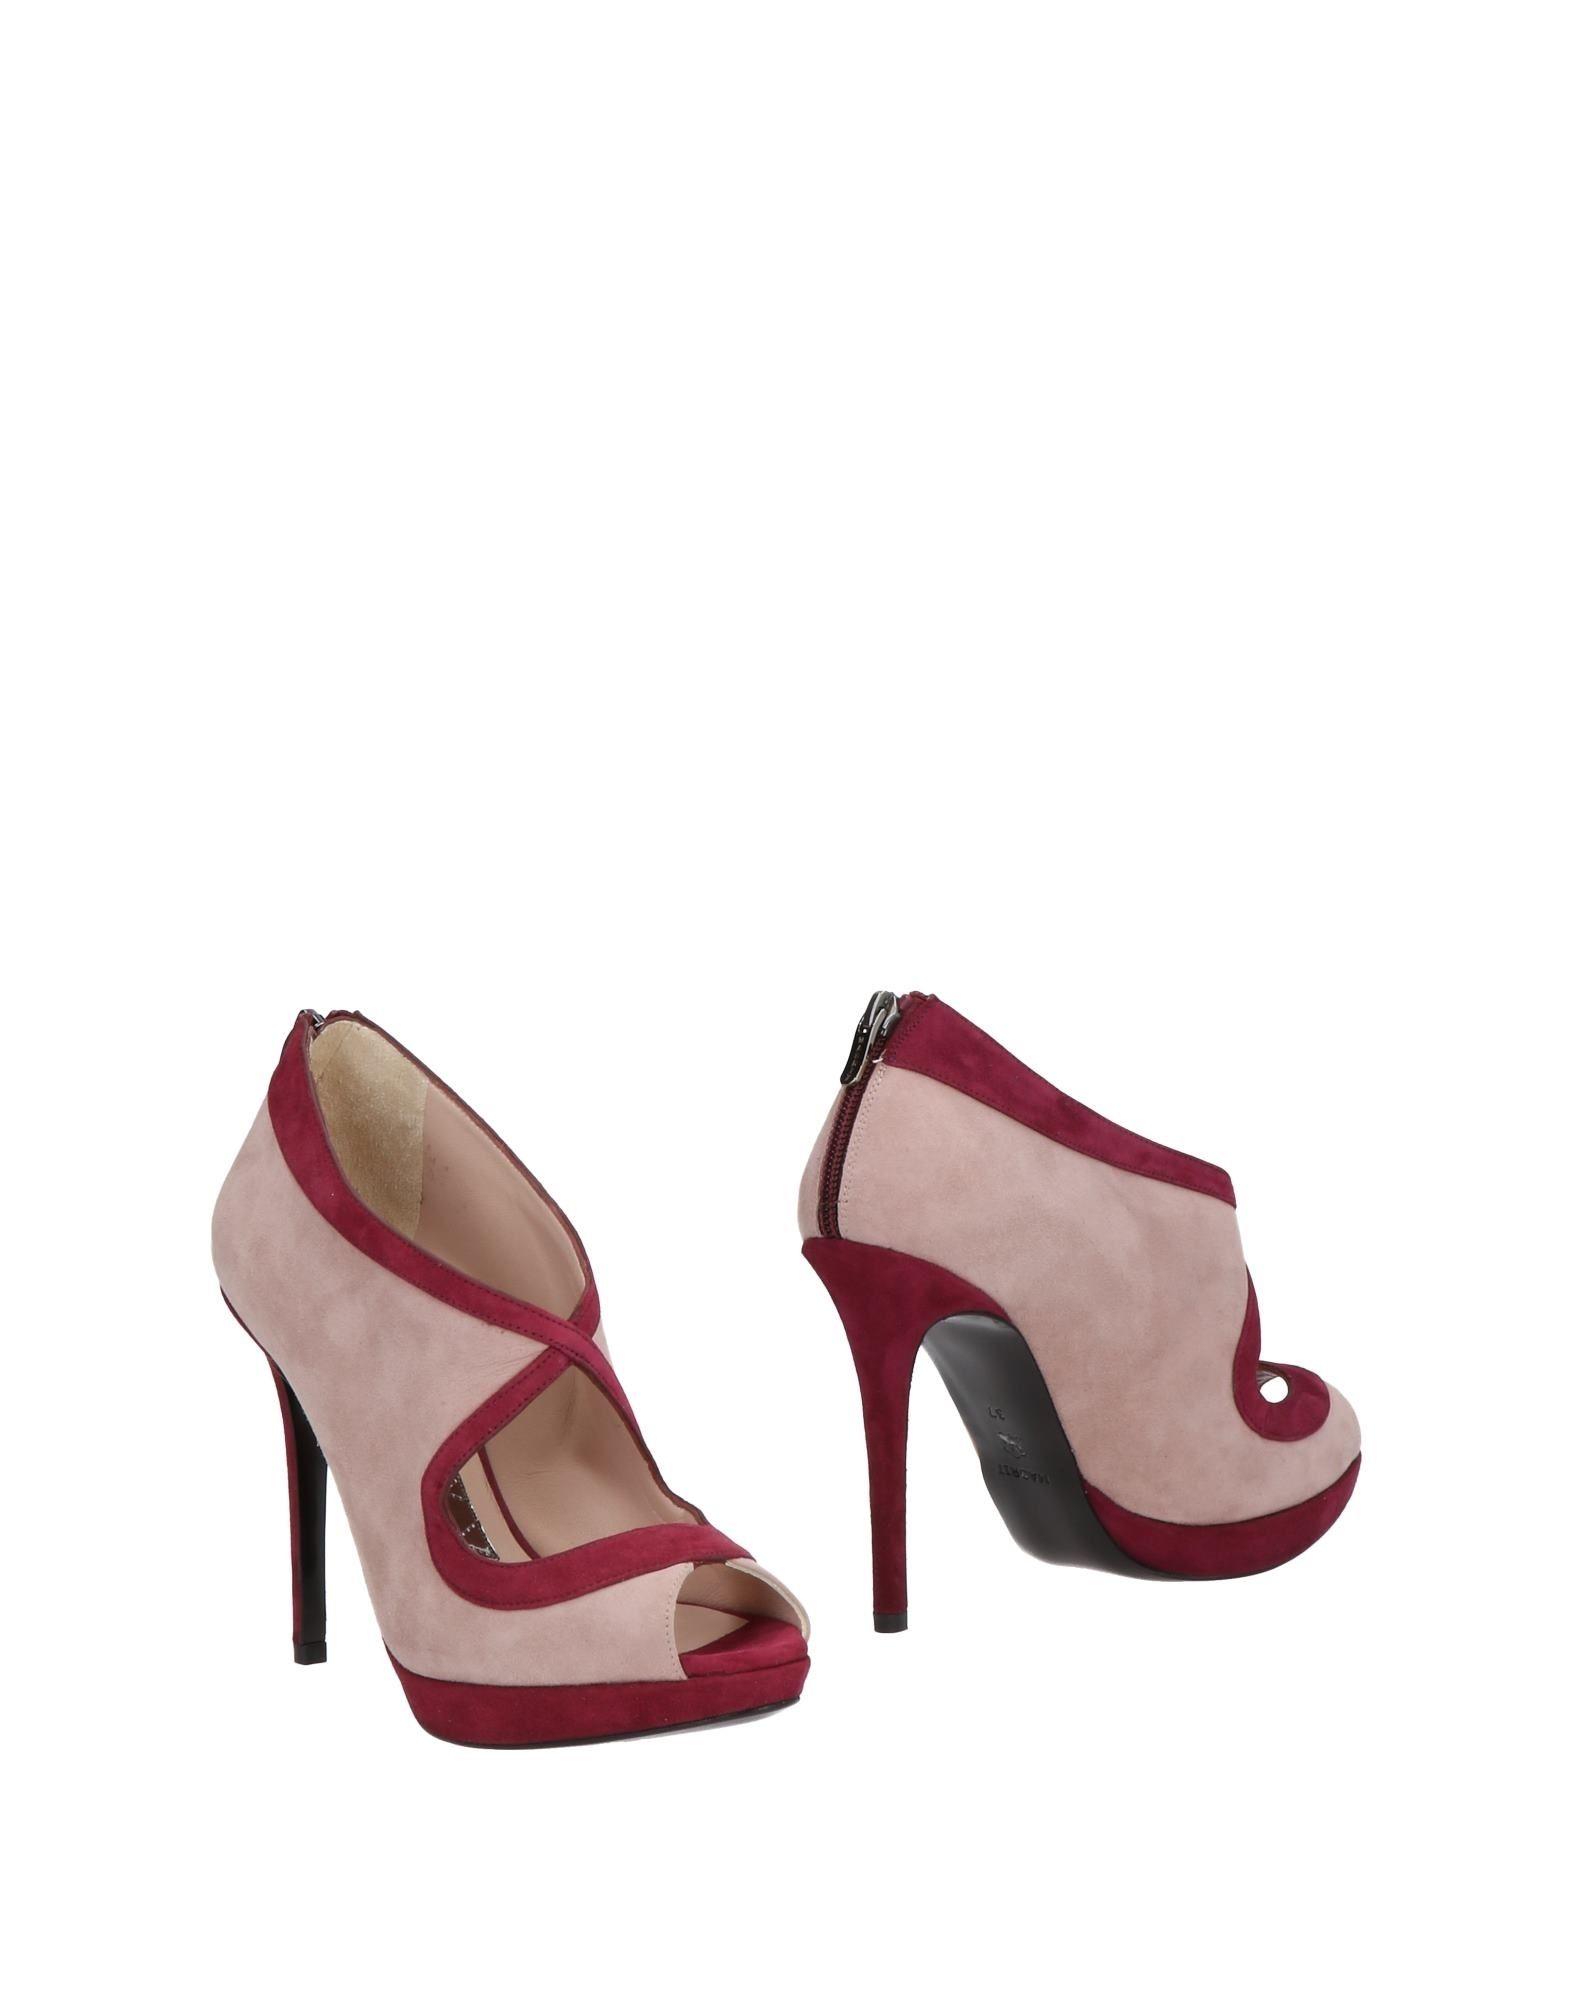 Moda Stivaletti Magrit Donna - 11502392GP